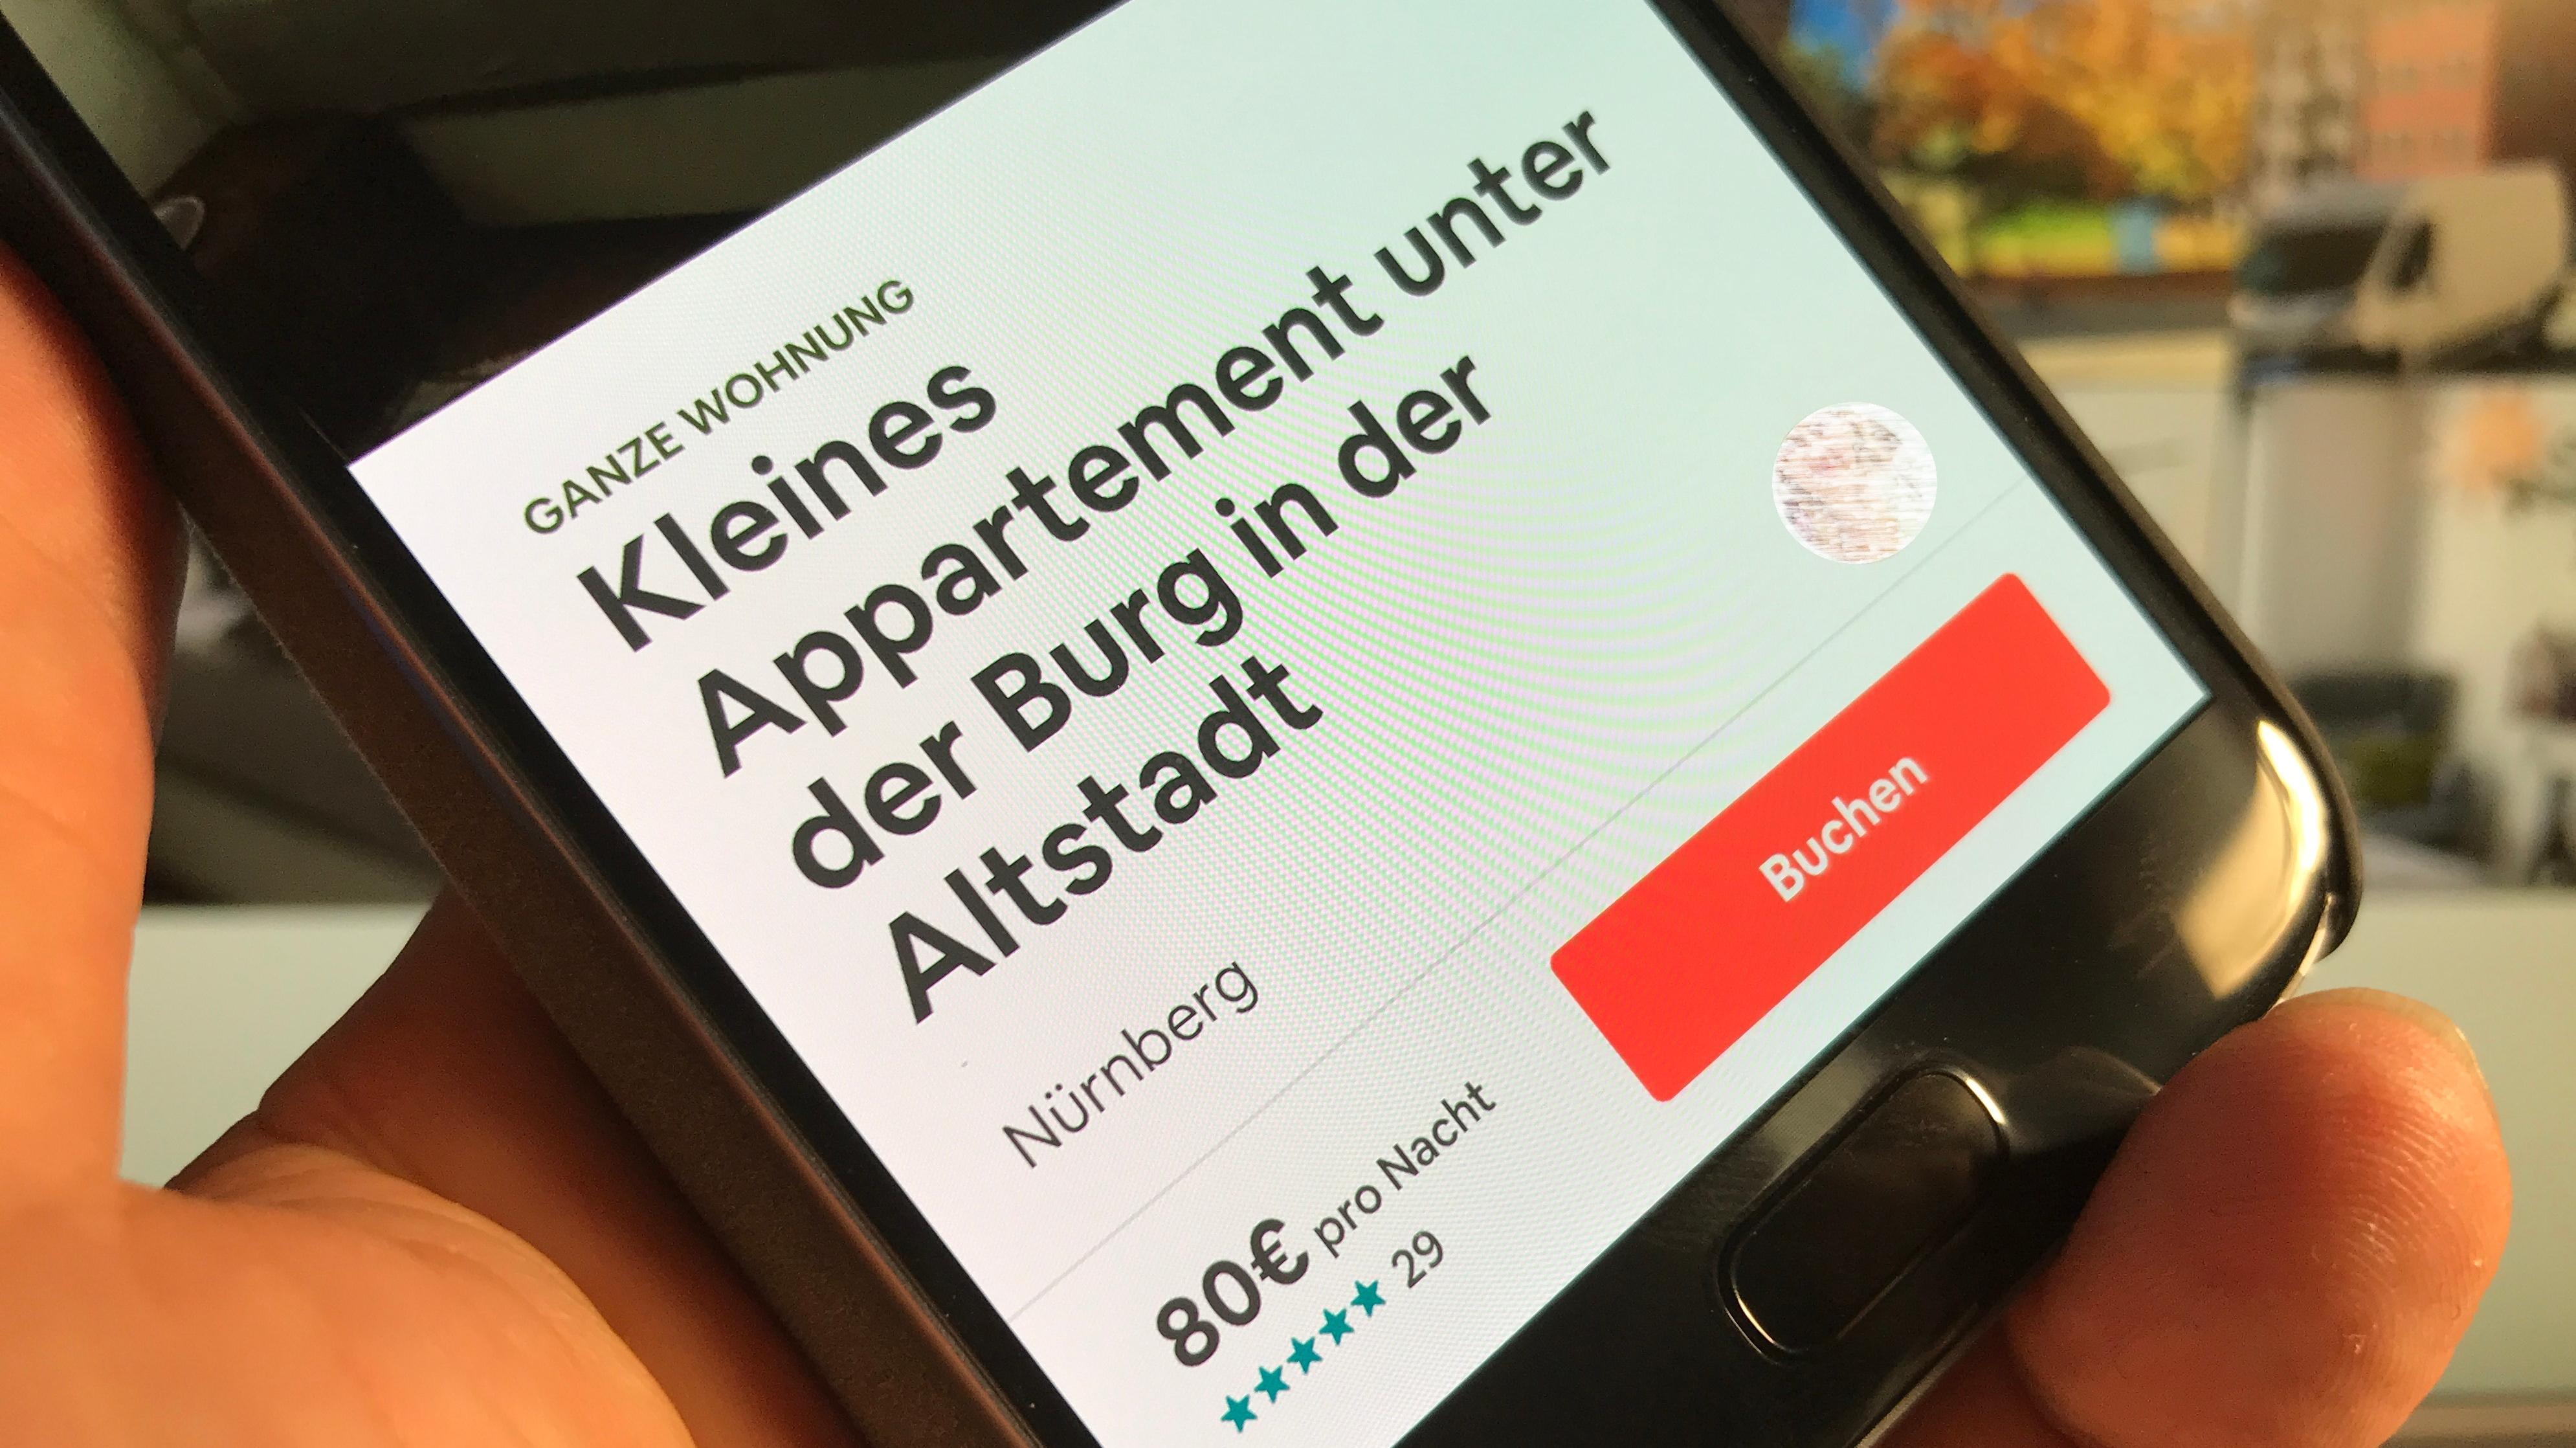 Angebot einer Ferienwohnung auf einem Smartphone.